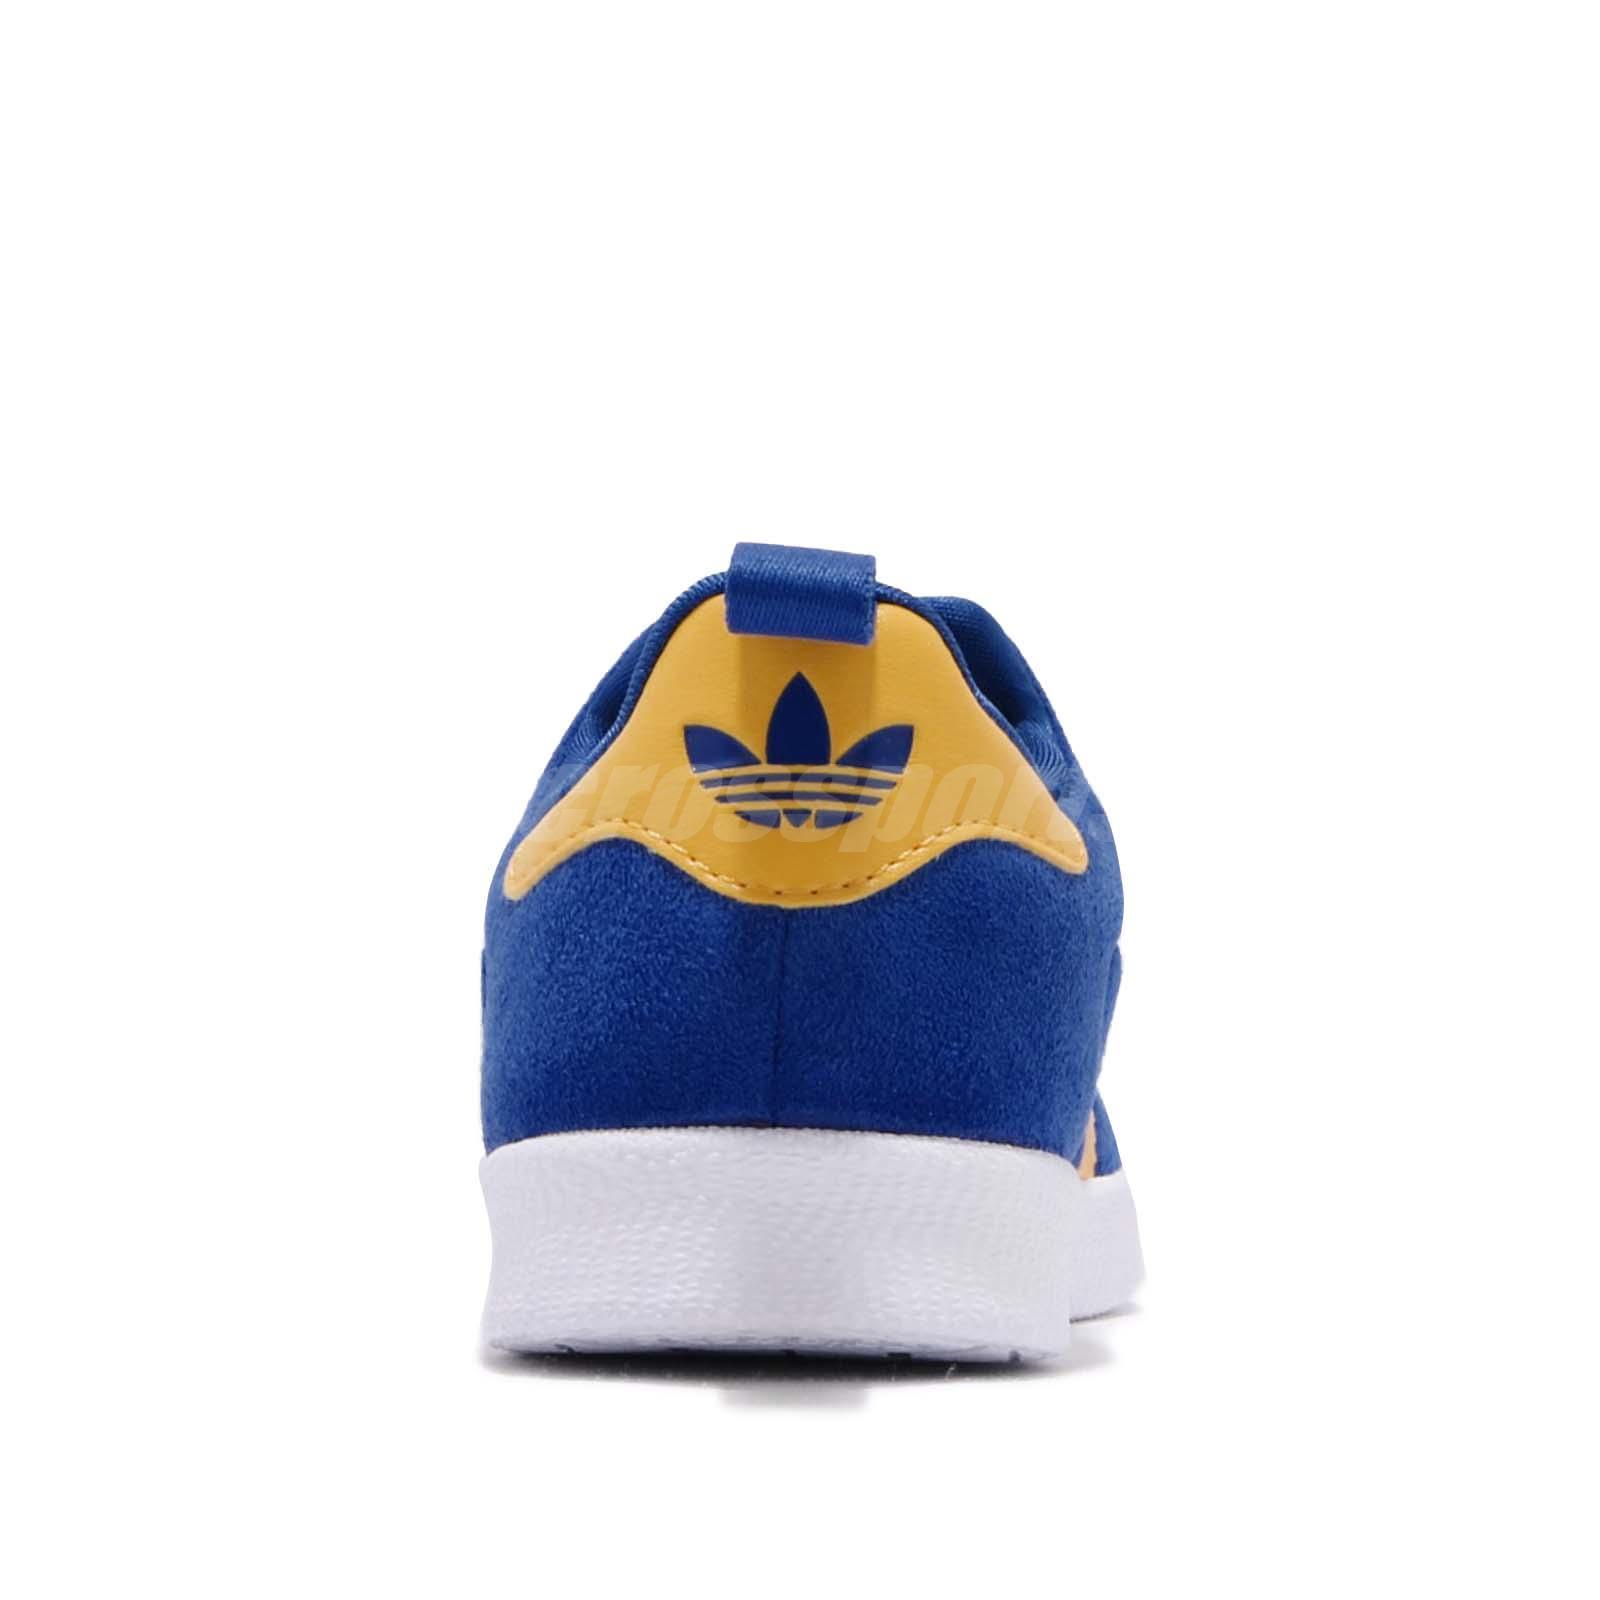 BLUE GAZELLE 360 I baby shoes Adidas AQ1092 toddler infant | eBay